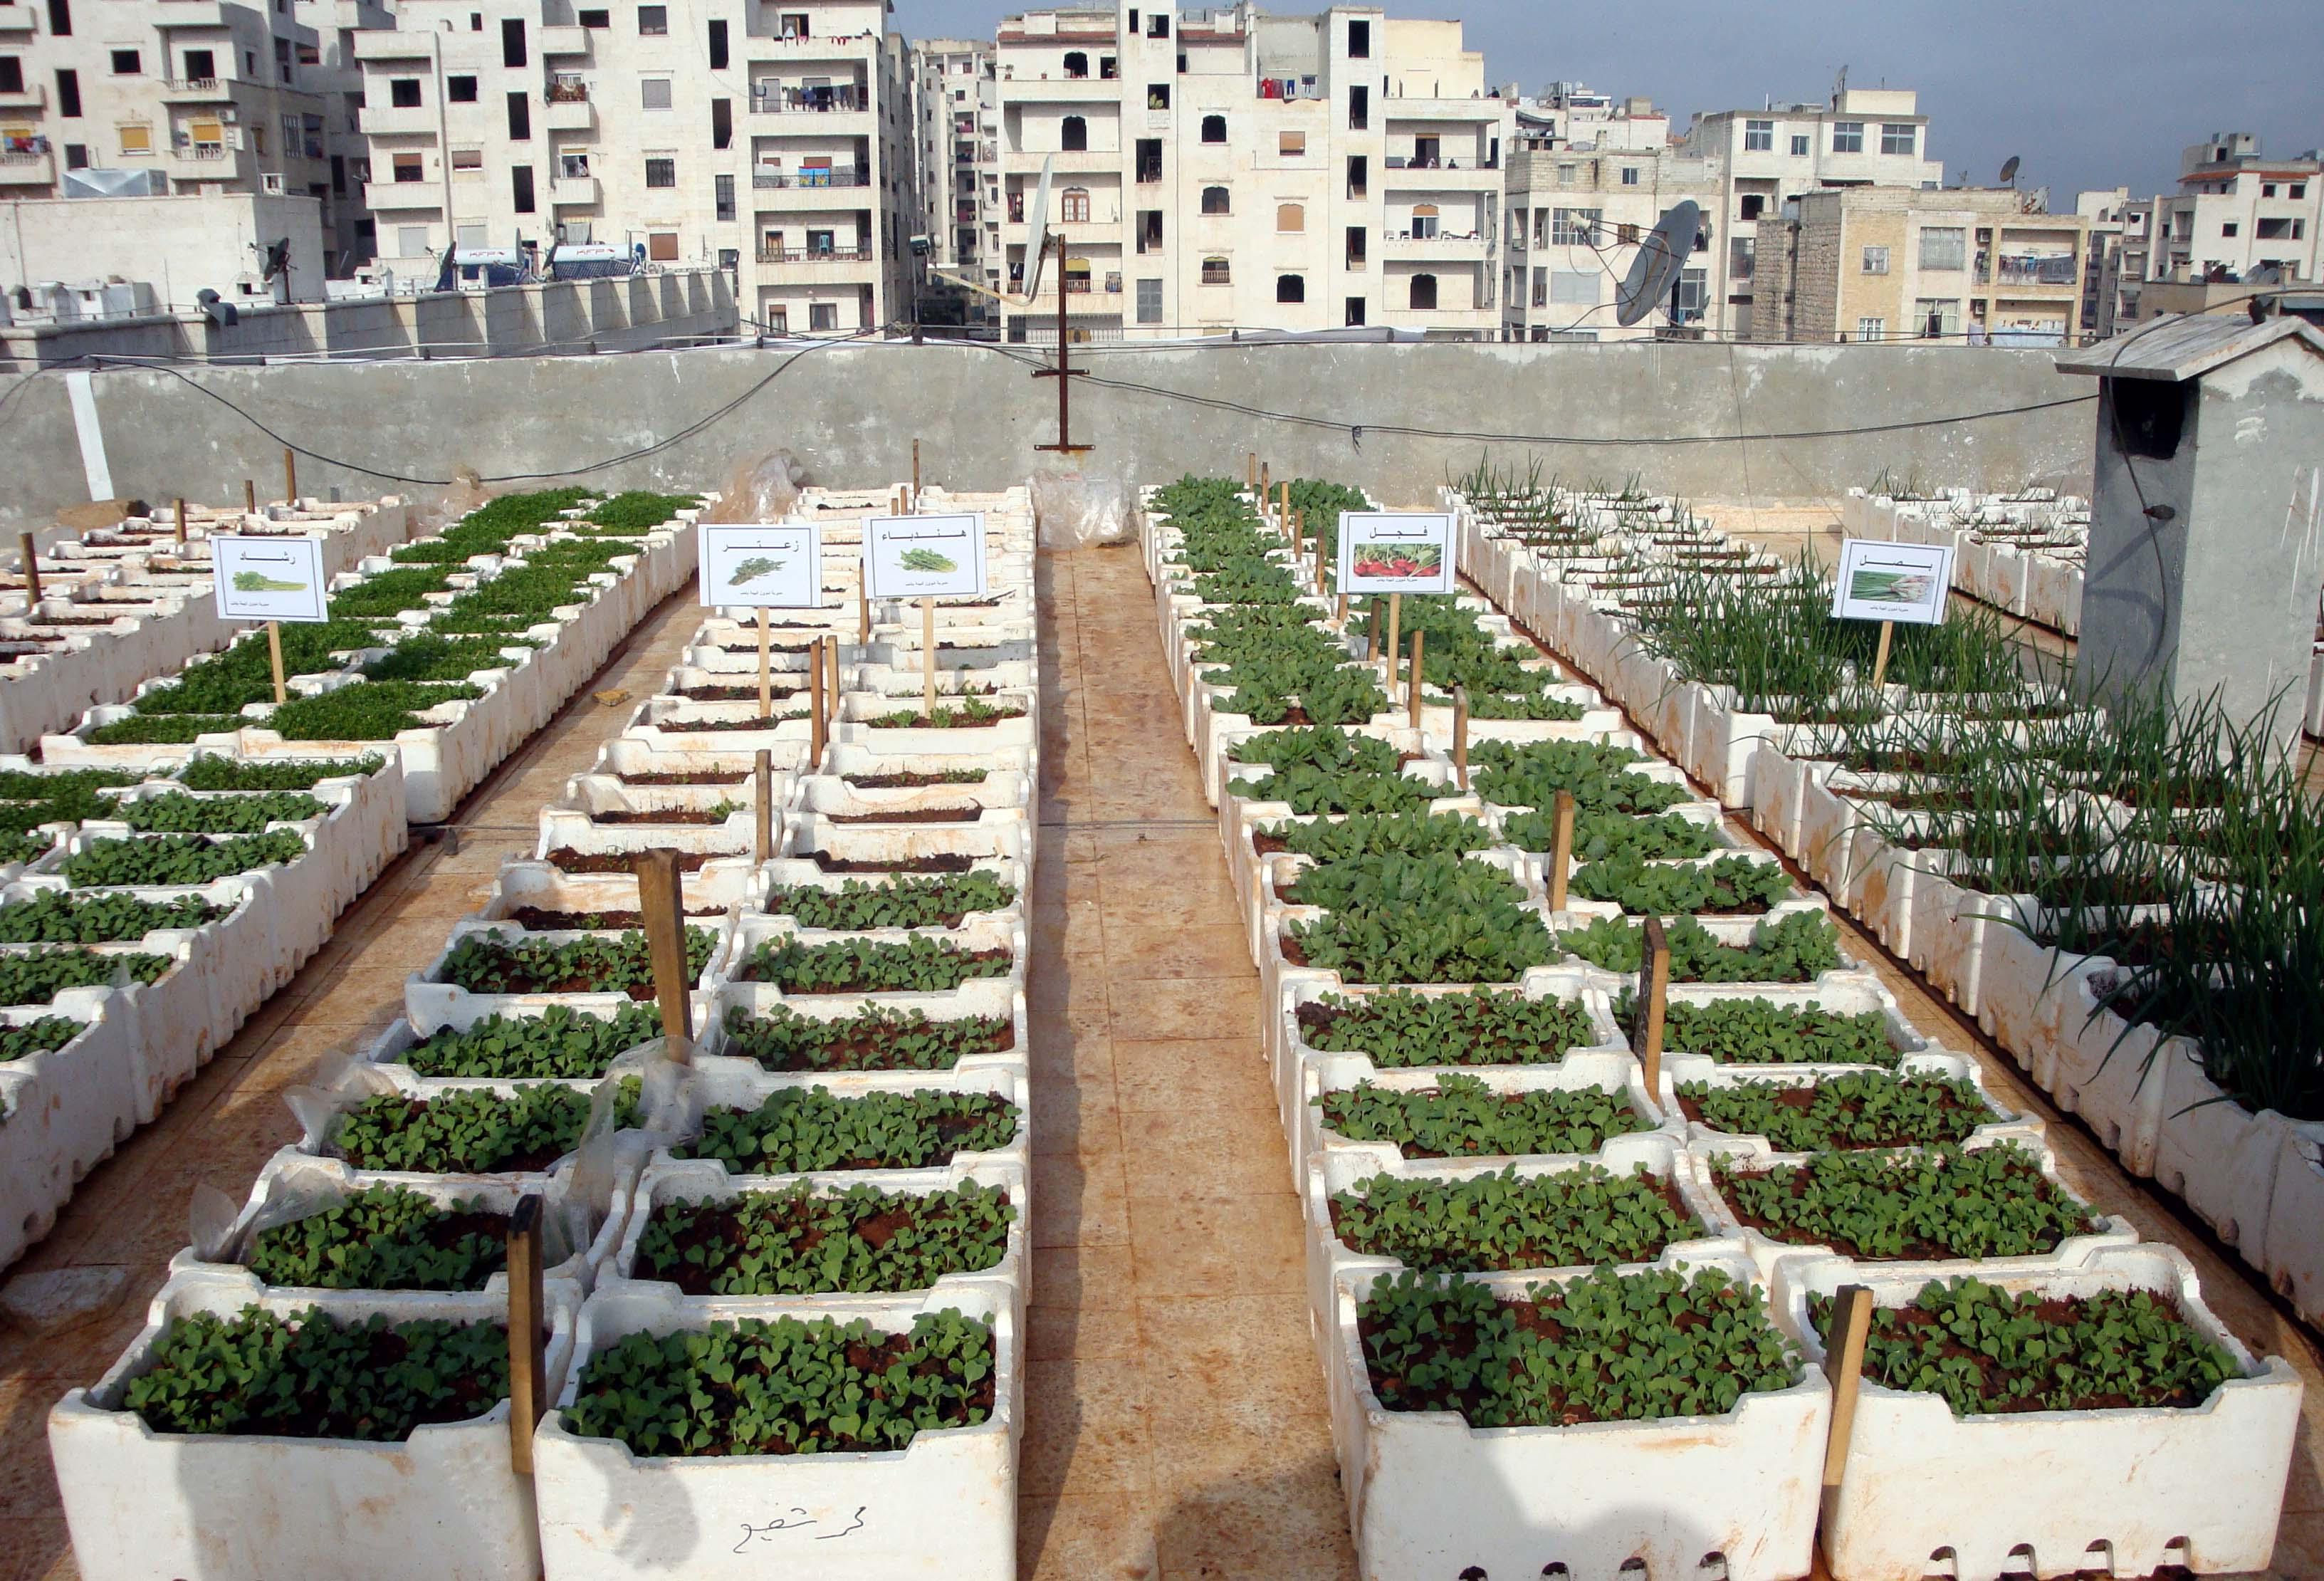 ����� ������ �������� ������ مشروع-زراعة-الخضروات-فوق-سطح-المنزل.jpg